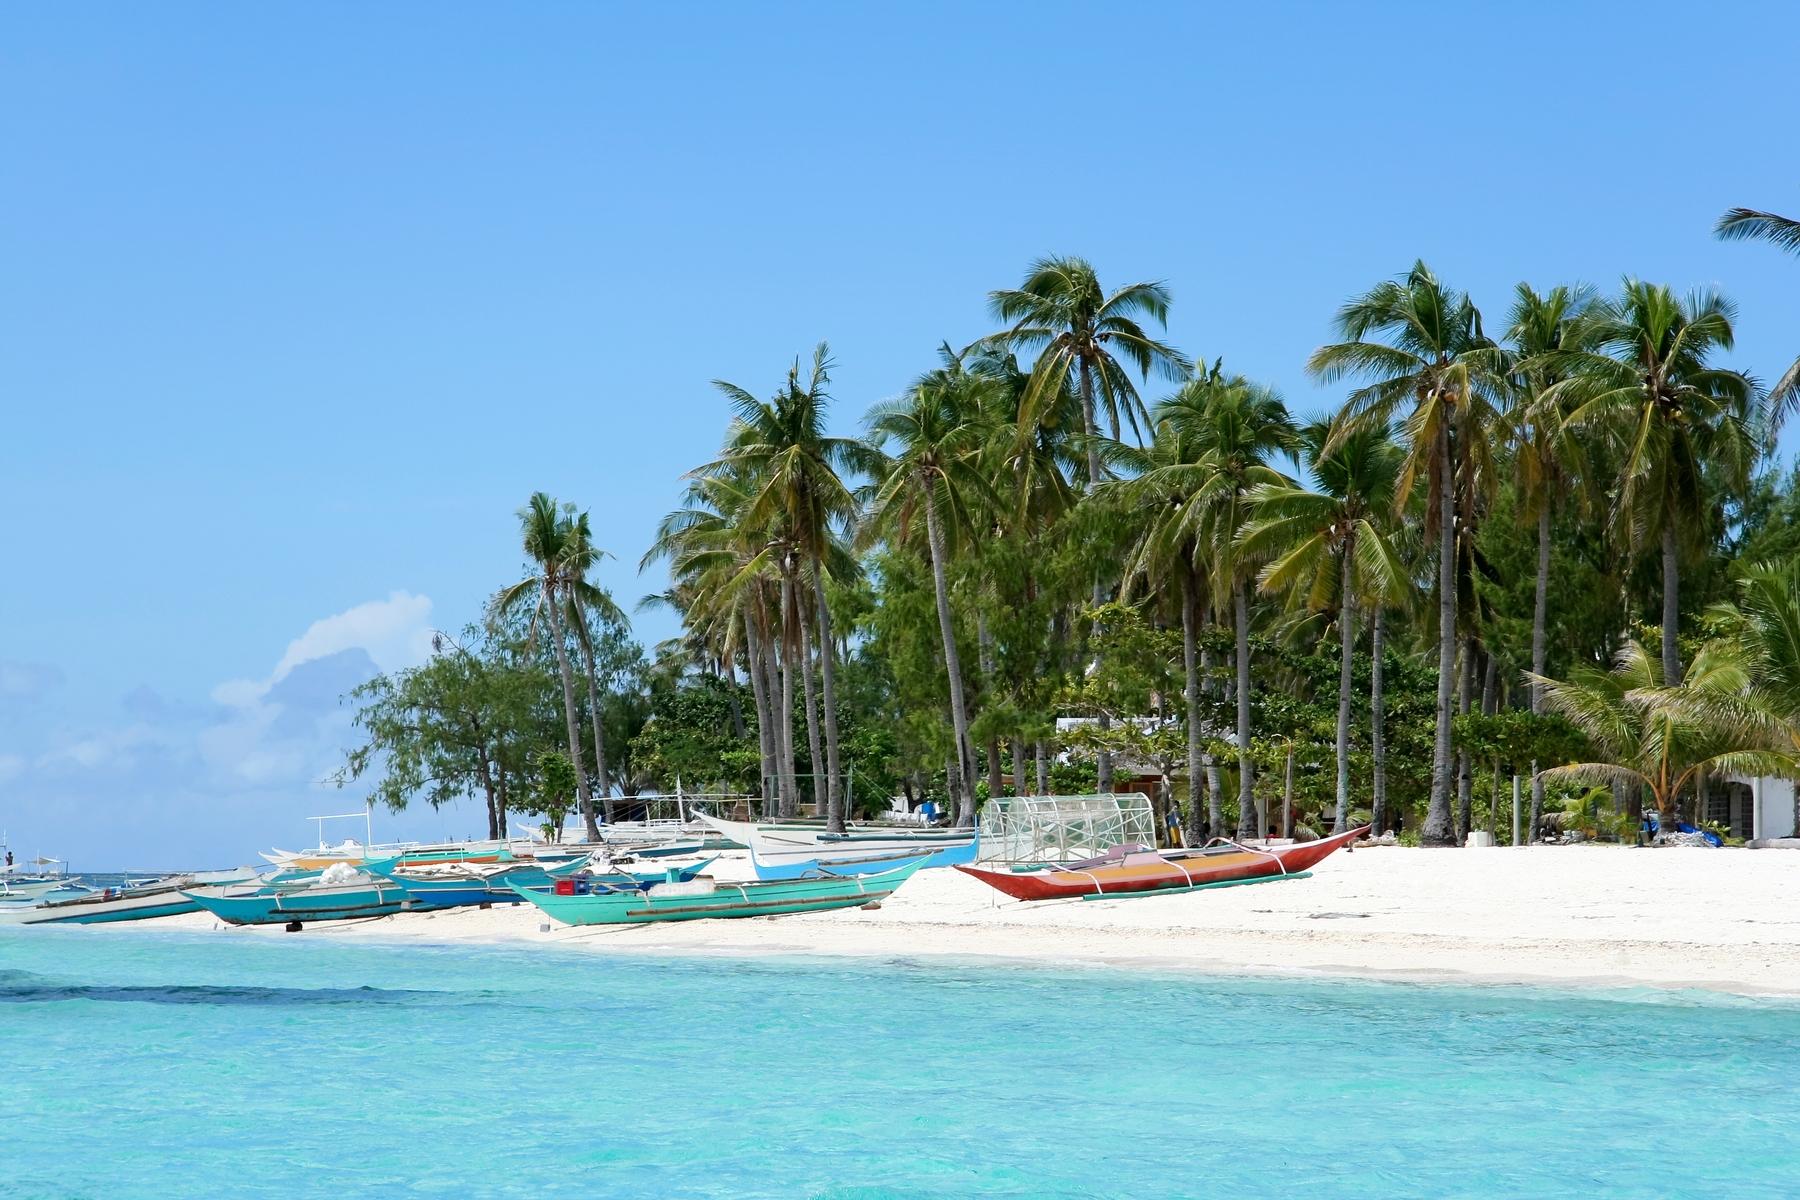 Vacaciones baratas: 17 destinos económicos: Malapascua